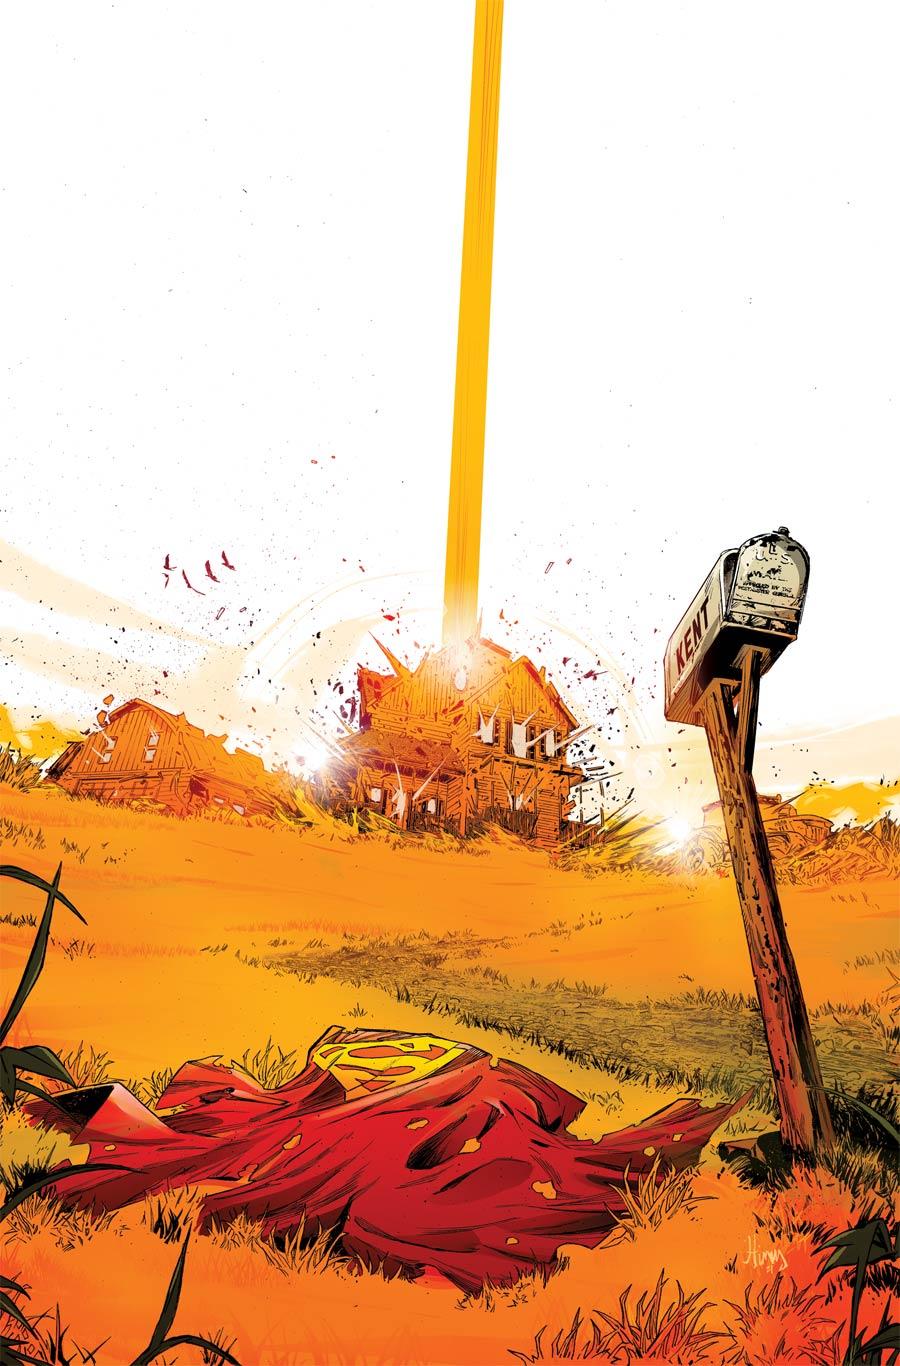 Superman Son Of Kal-El #4 Cover A Regular John Timms Cover (Limit 1 Per Customer)